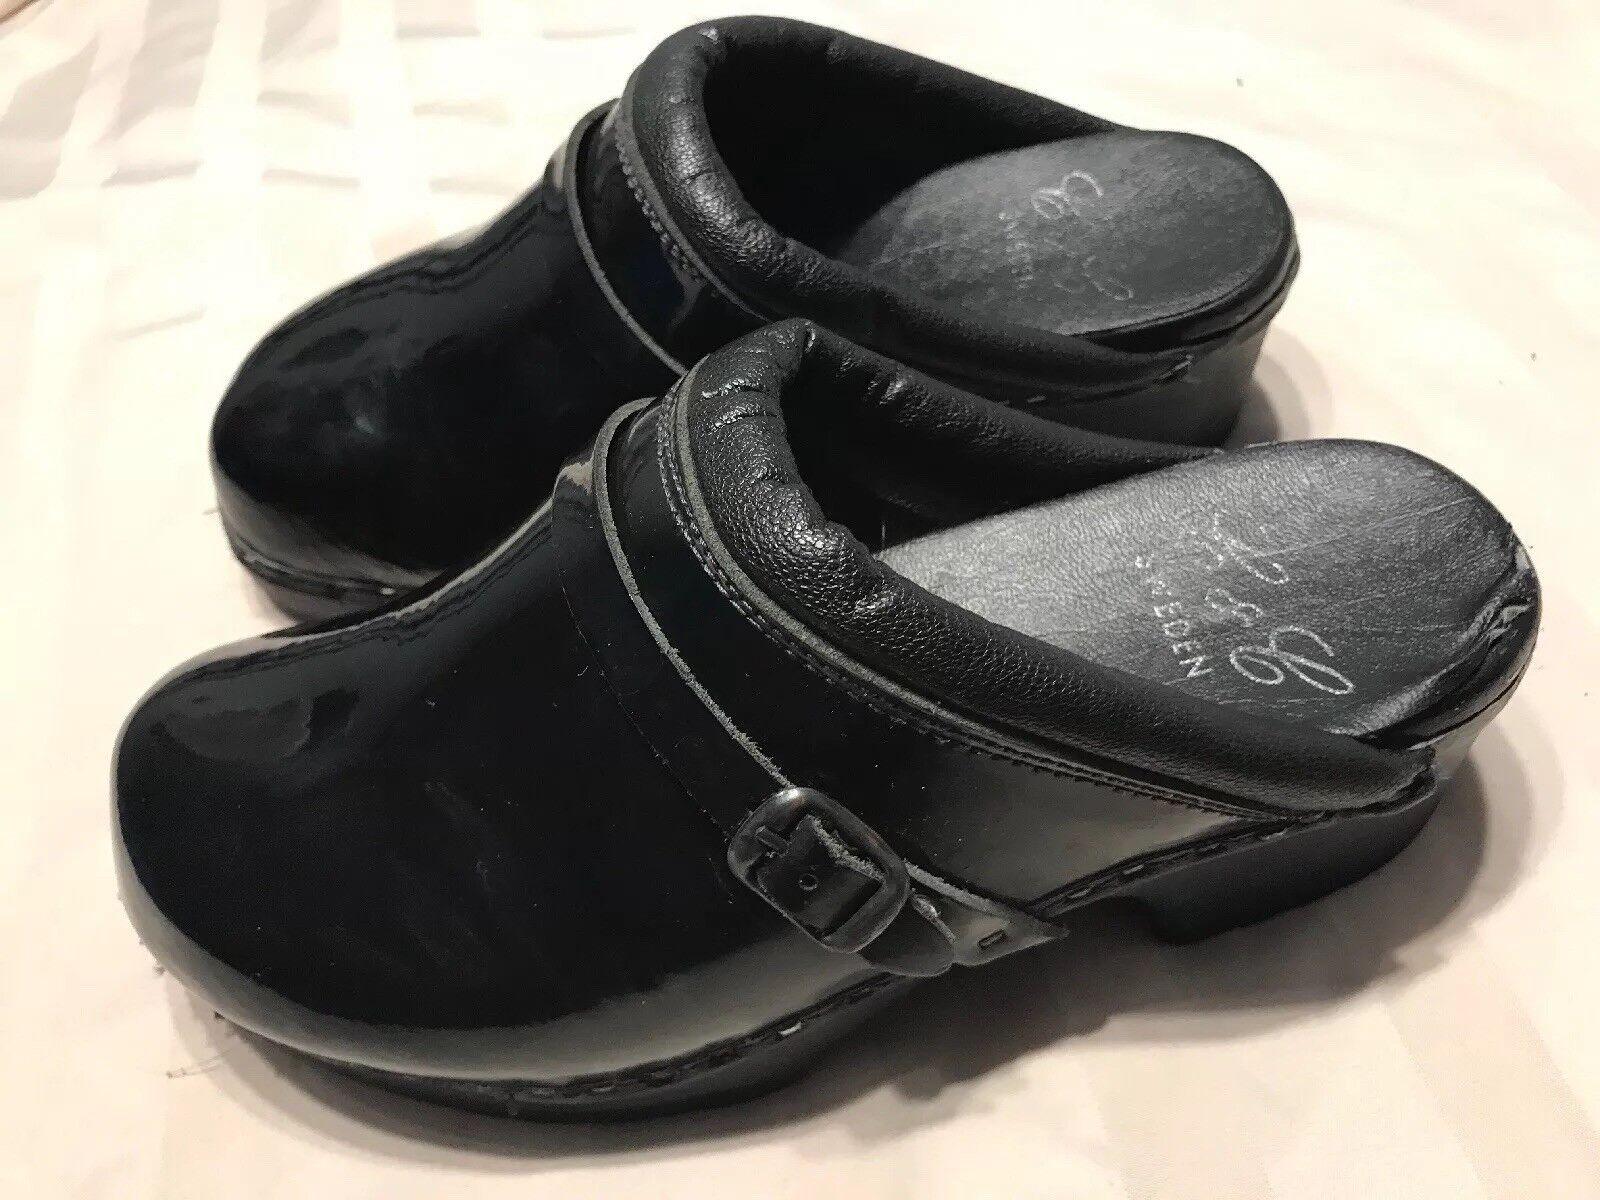 C&C Black Patent Leather Slip On Clogs Shoes Sz 6 M SC8